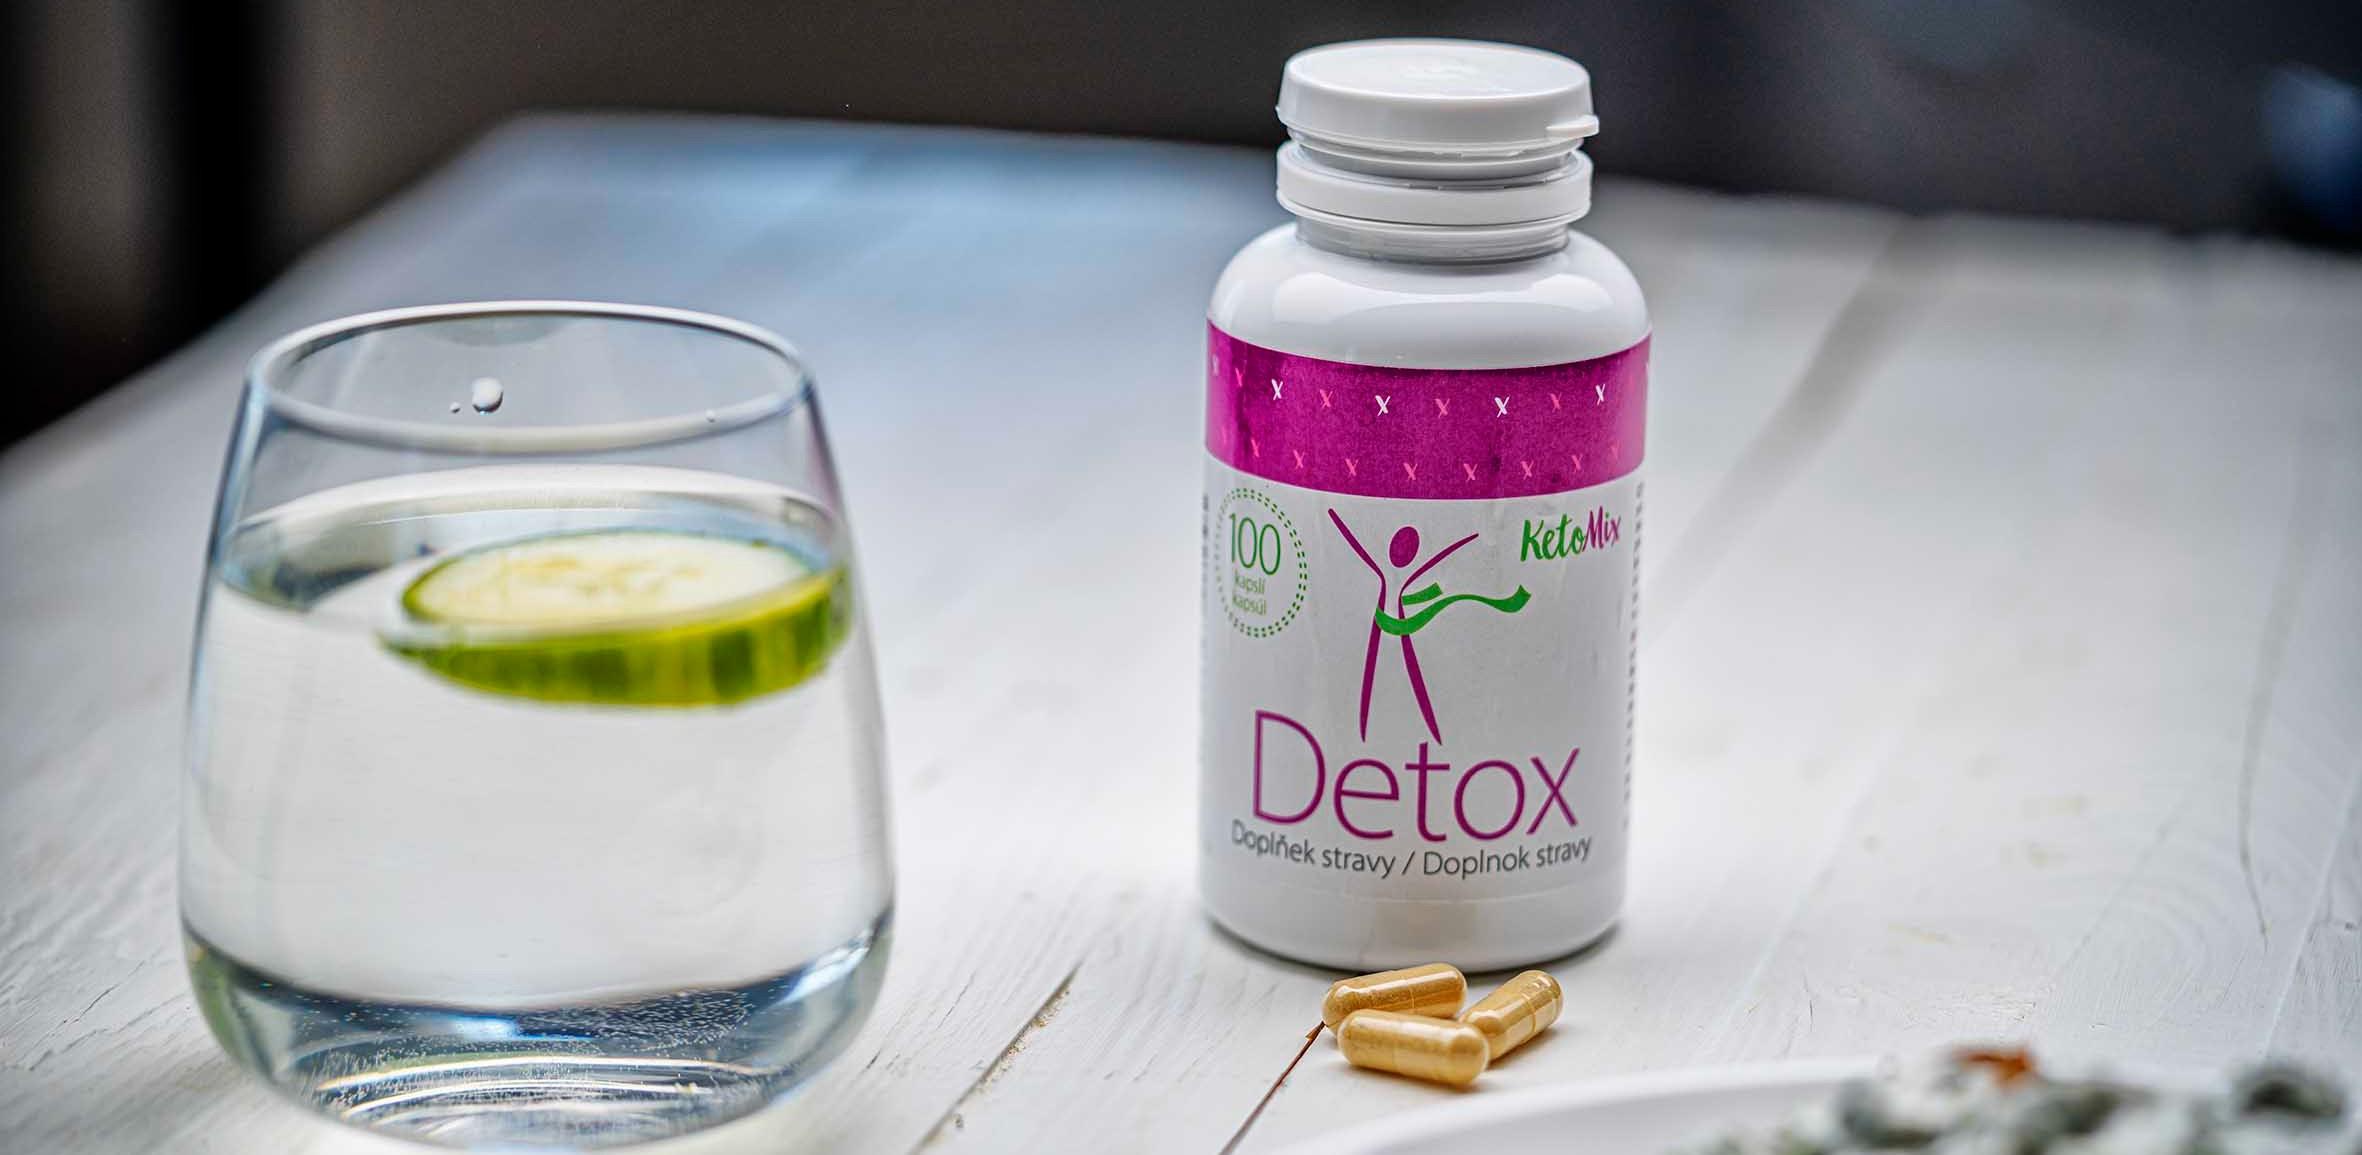 Prečo je detox počas diéty dôležitý?